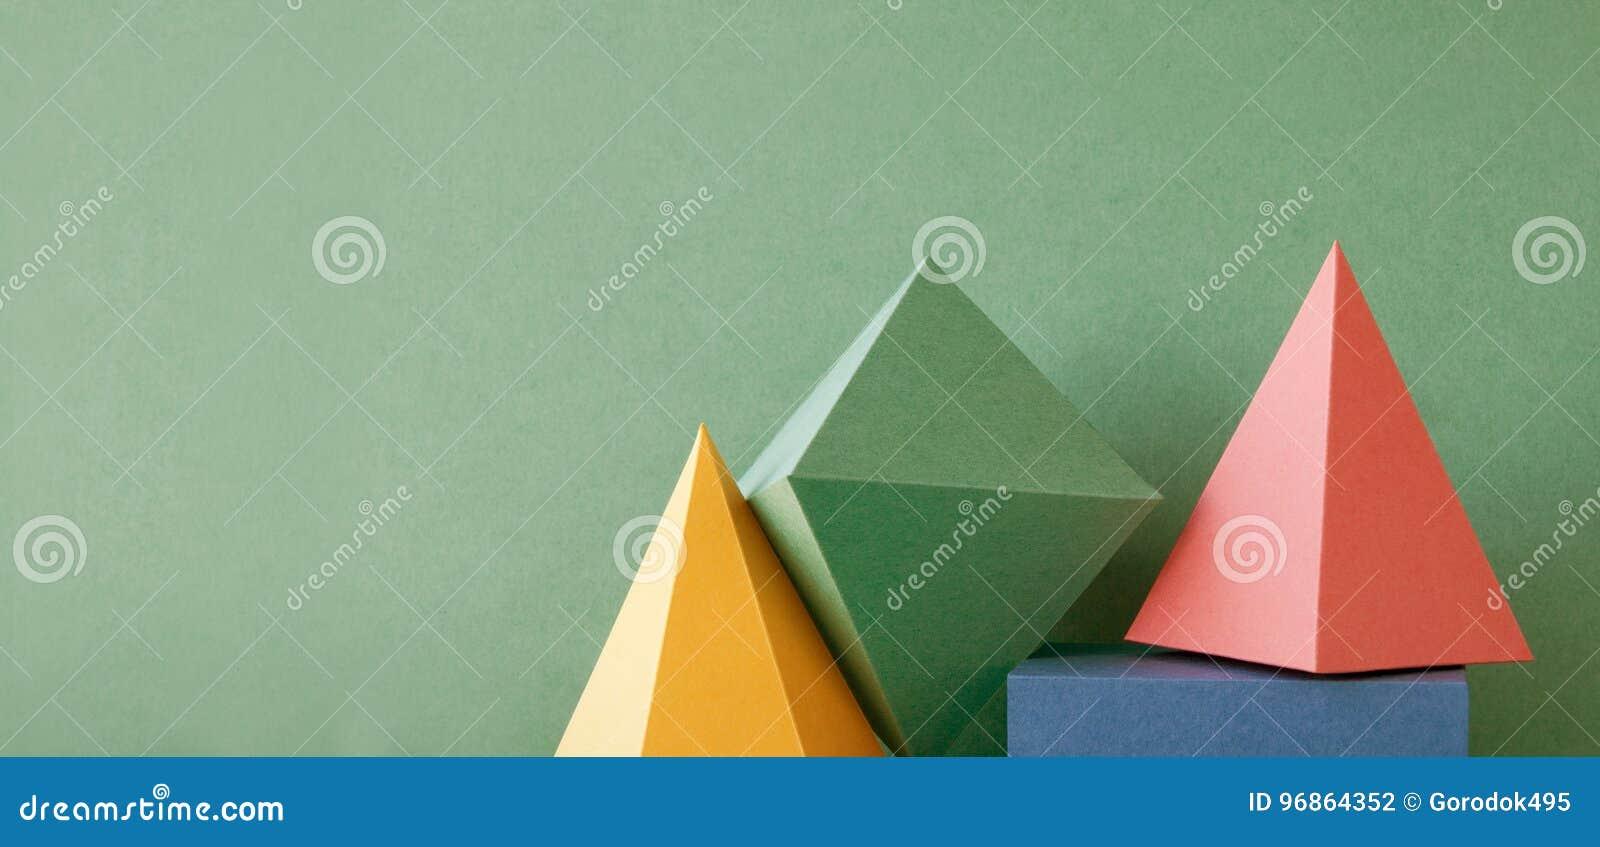 Fundo geométrico abstrato colorido com figuras contínuas tridimensionais Cubo retangular de prisma da pirâmide arranjado sobre